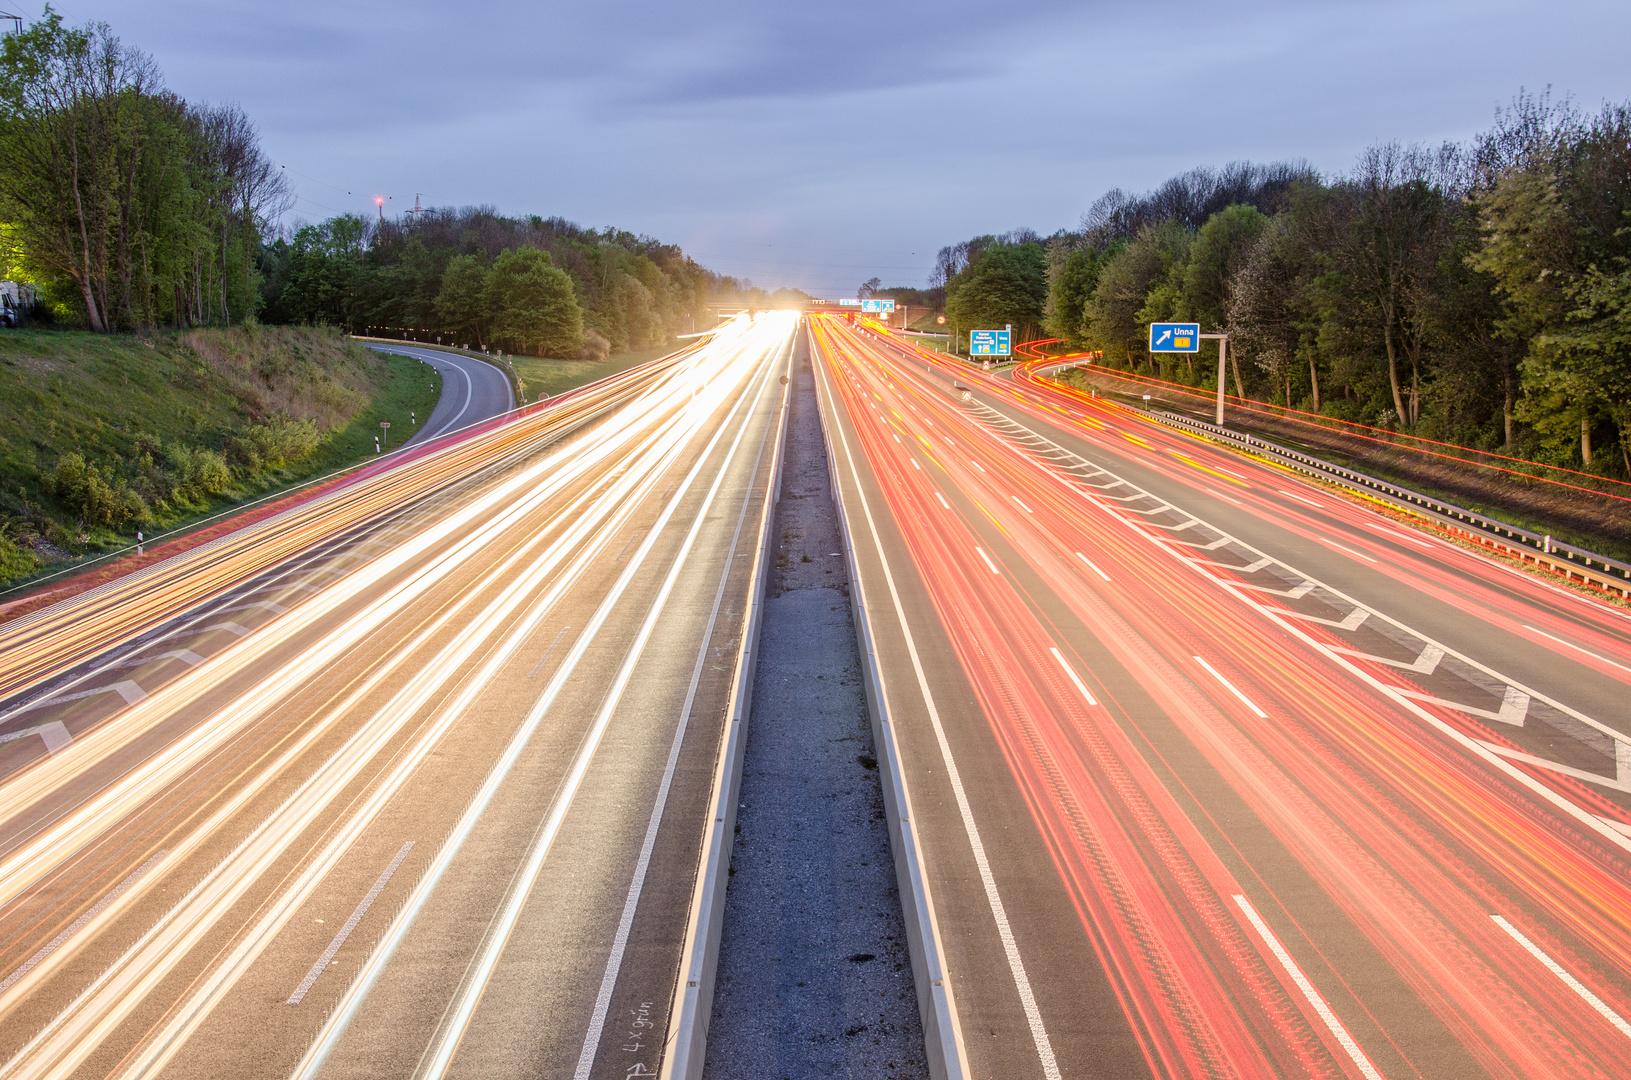 Lichtstreifen auf der Autobahn